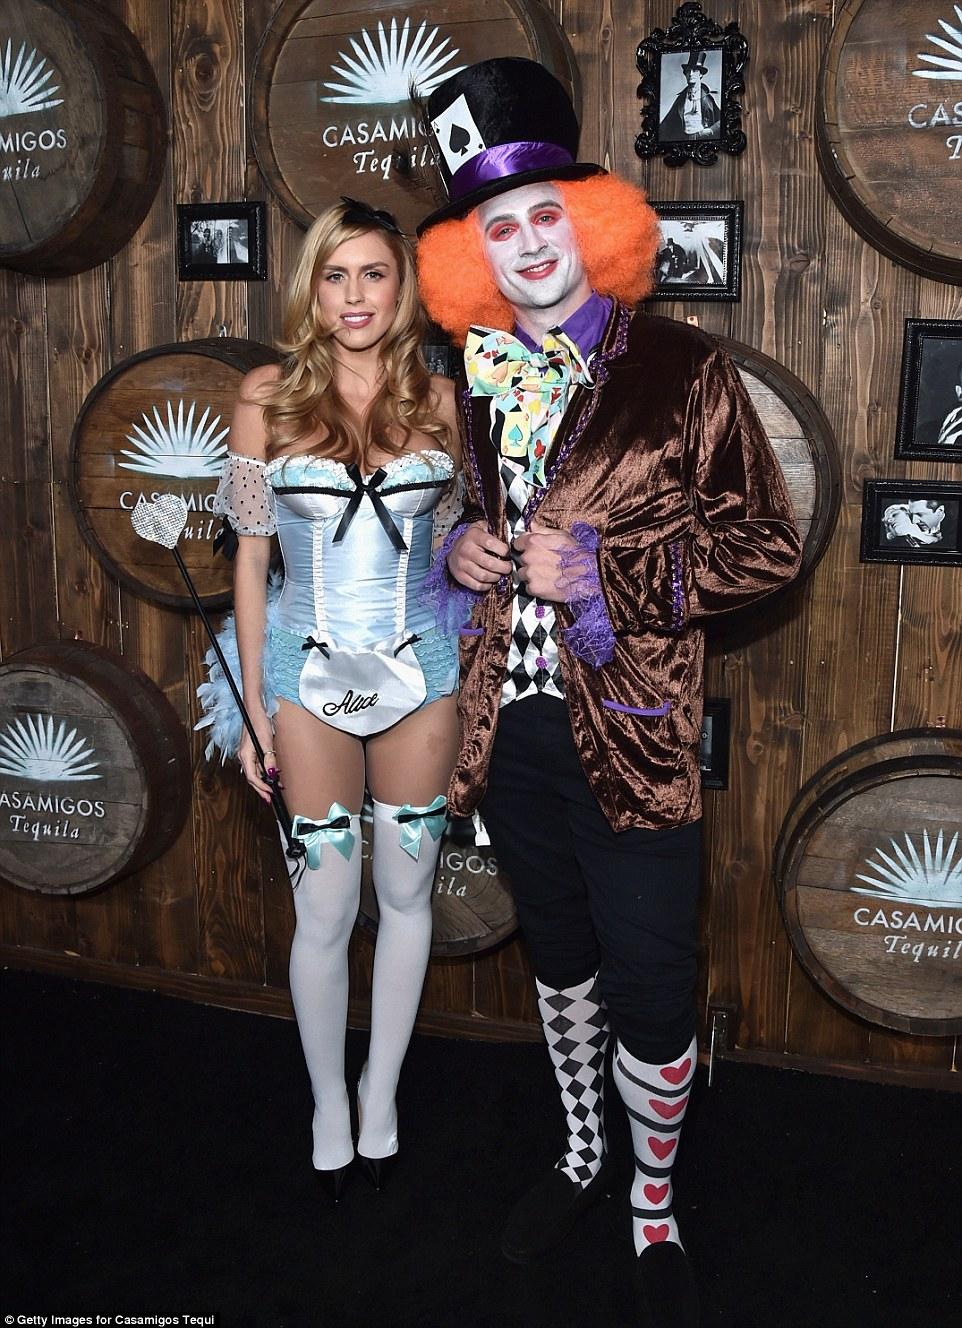 Олимпийский чемпион по плаванию Райан Лохте с подругой в образе Алисы и Безумного Шляпника.